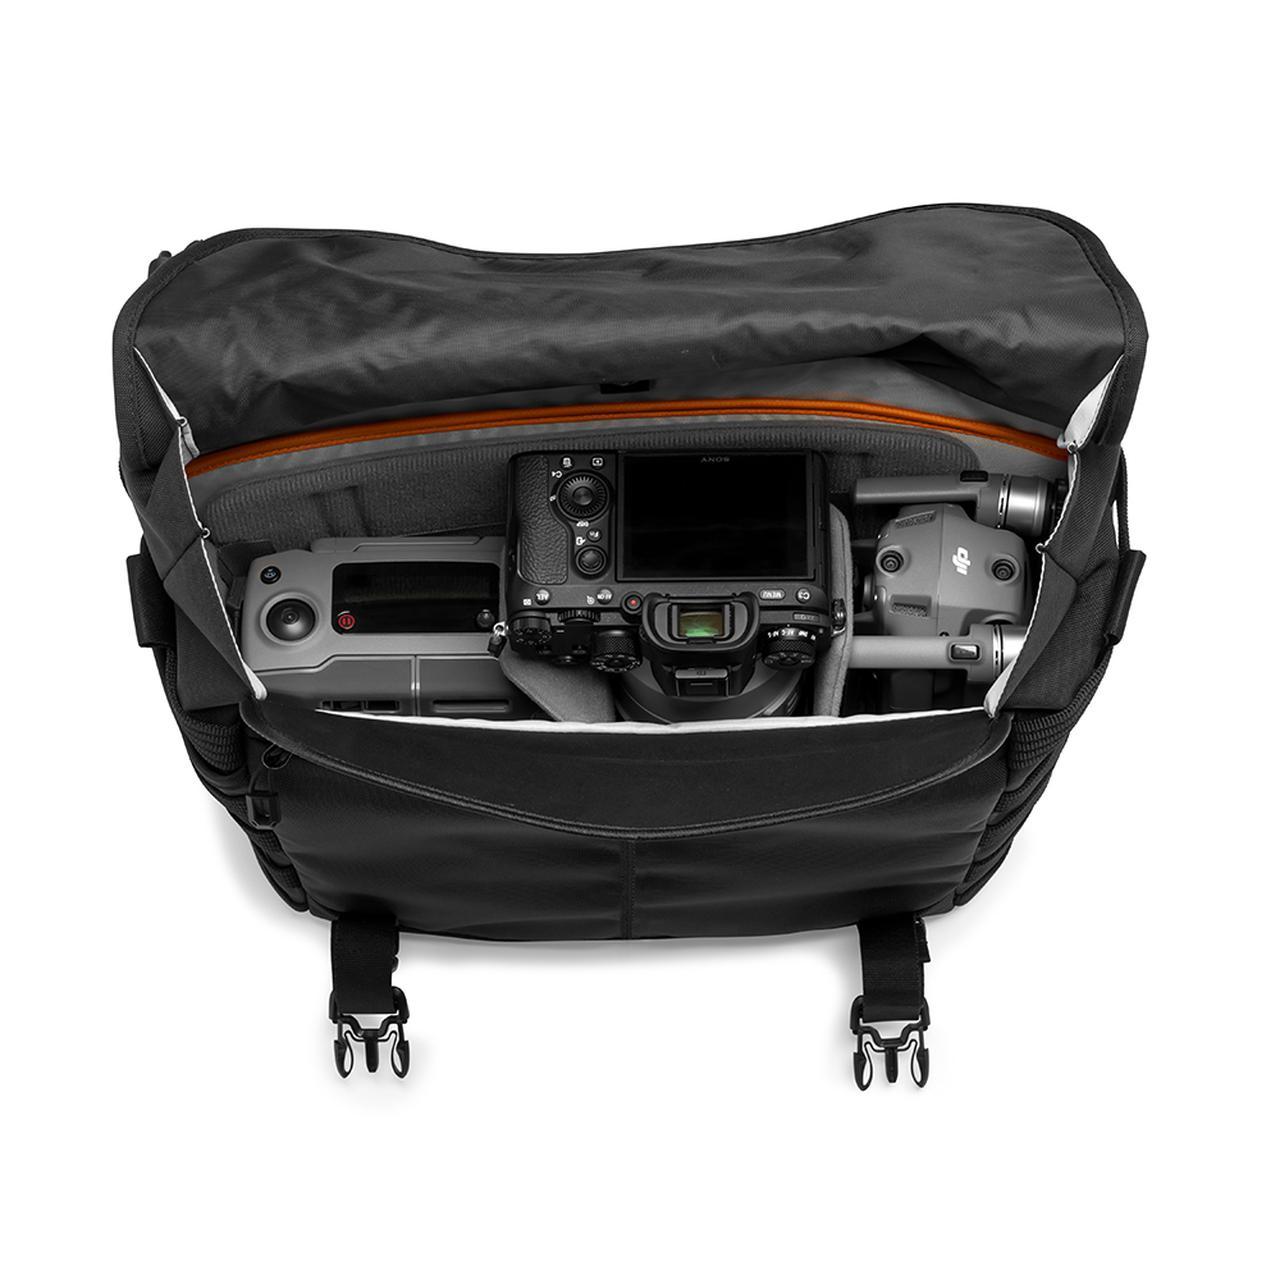 画像: ▲標準ズームレンズ付きのミラーレスカメラ+交換用レンズ1 本+折りたたみ式ドローン。